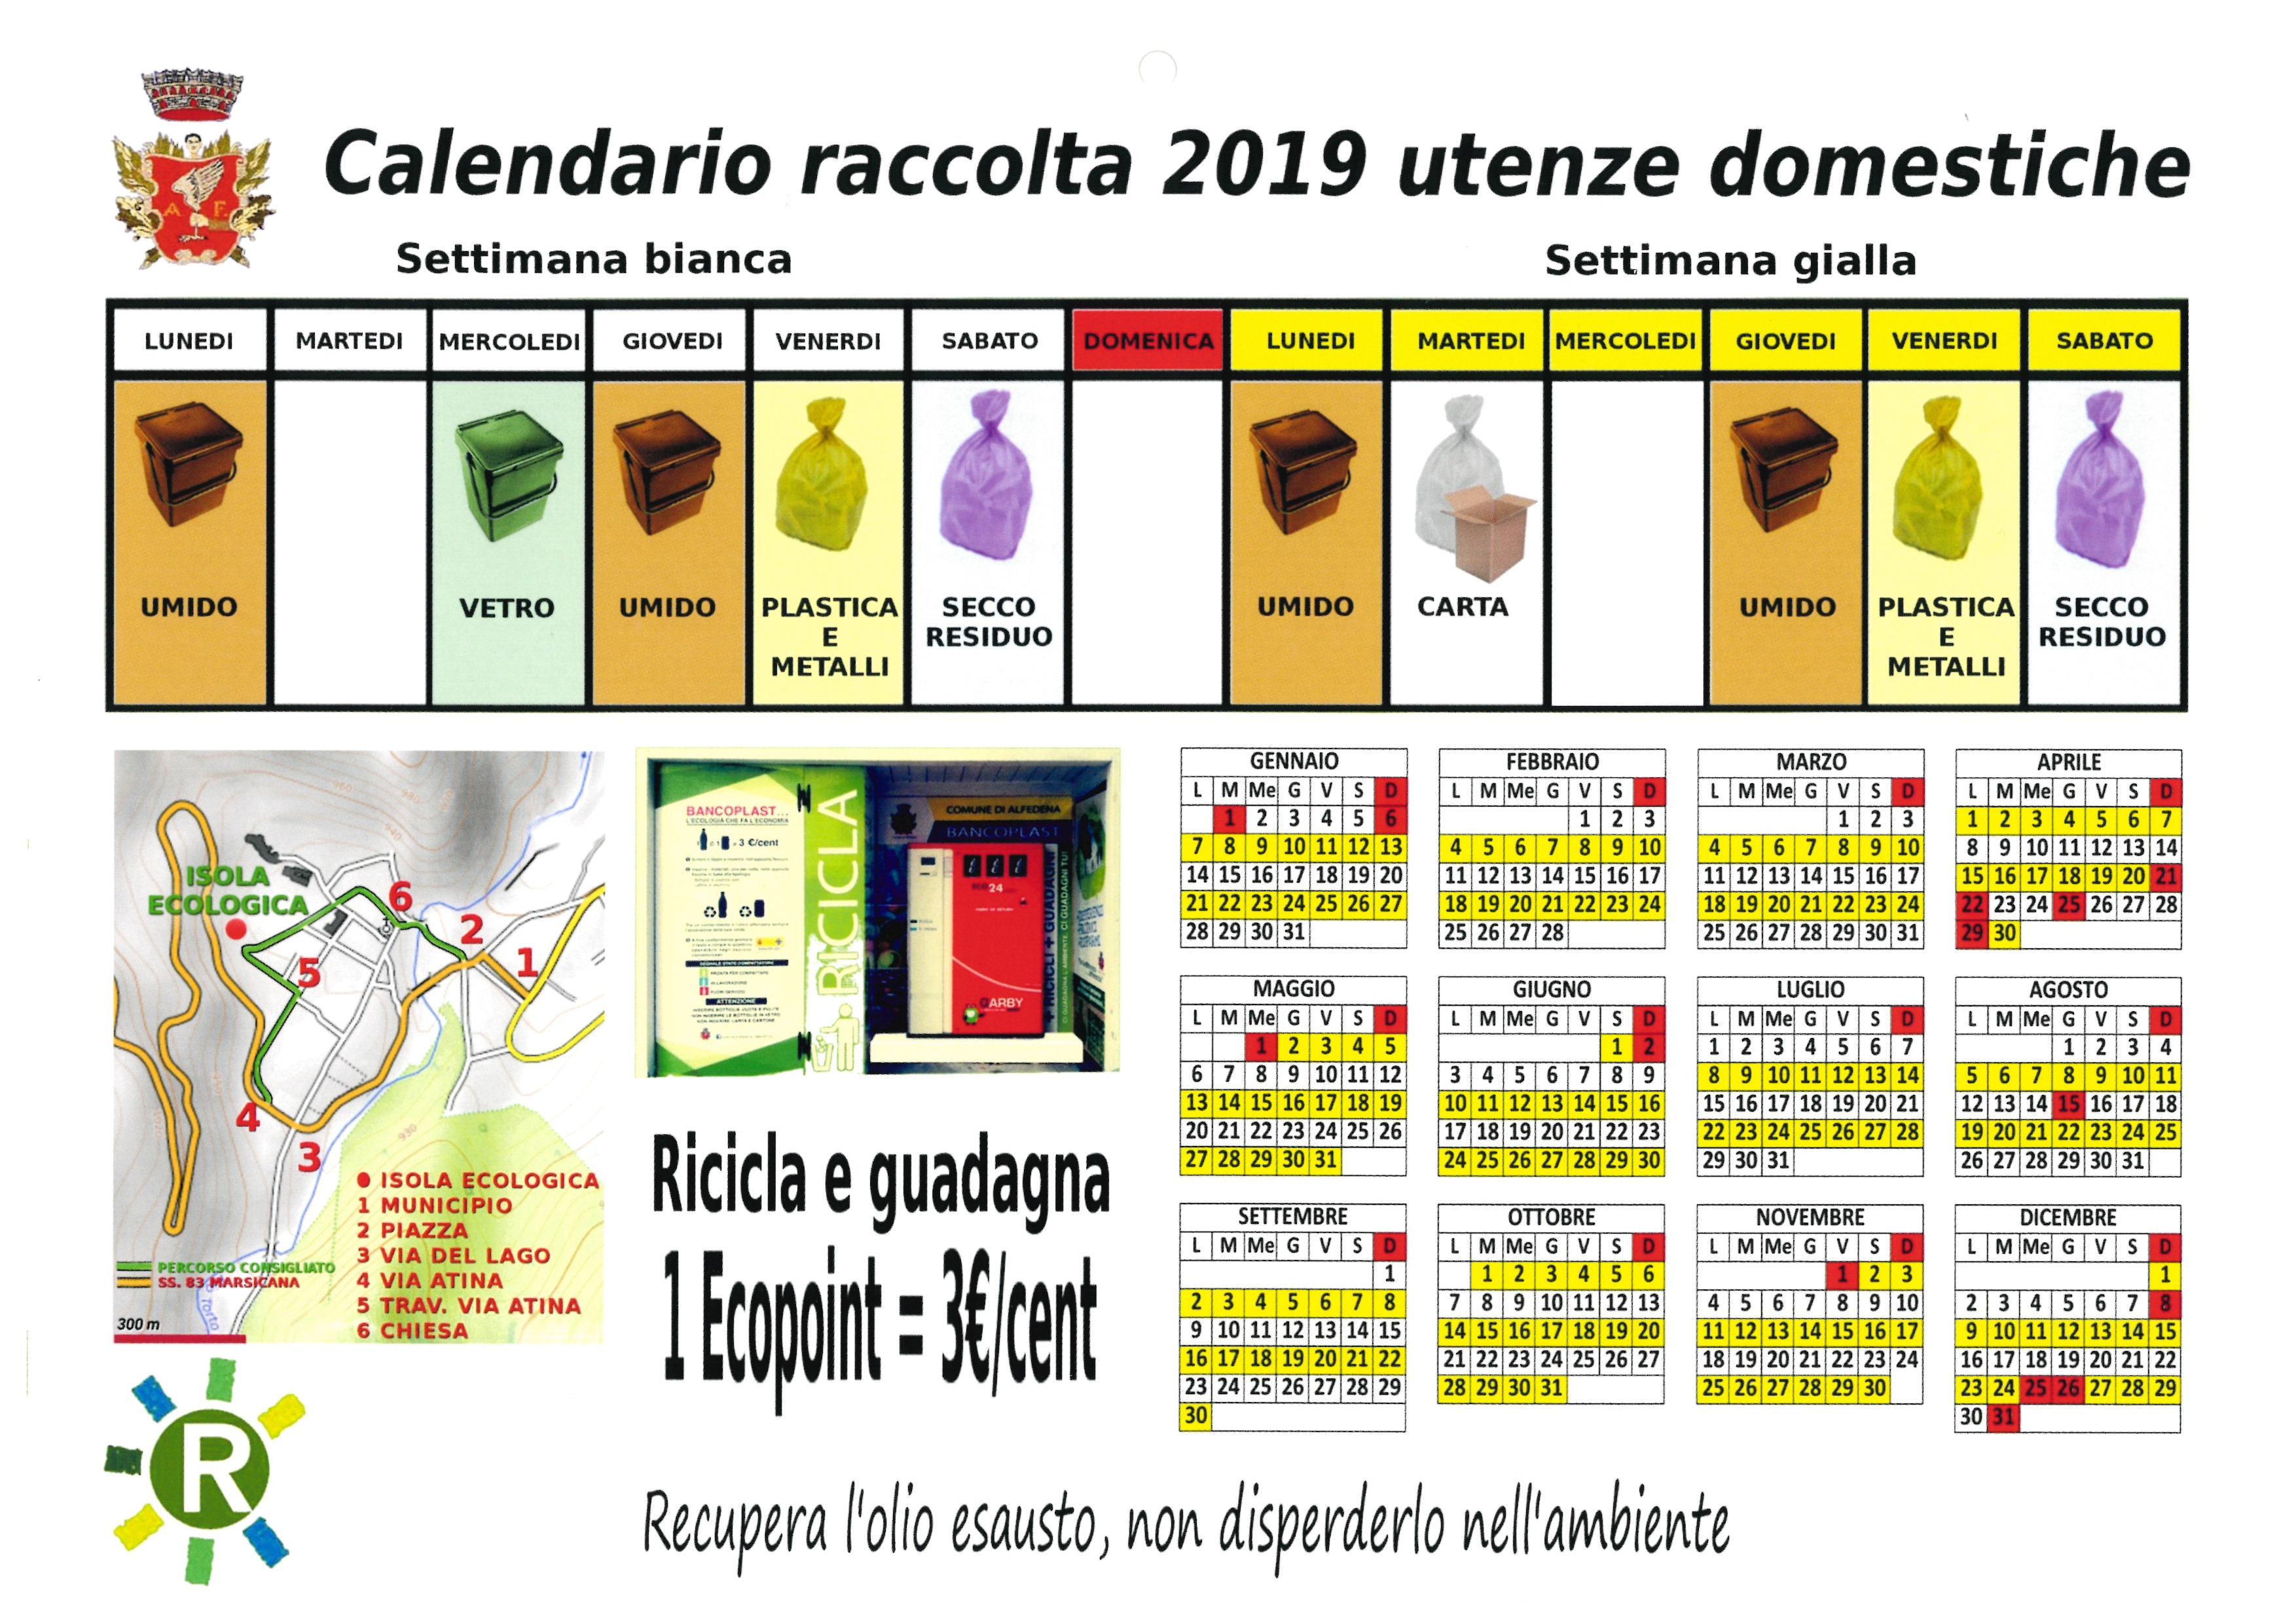 Calendario Raccolta.Calendario Raccolta Utenze Domestiche 2019 Comune Di Alfedena